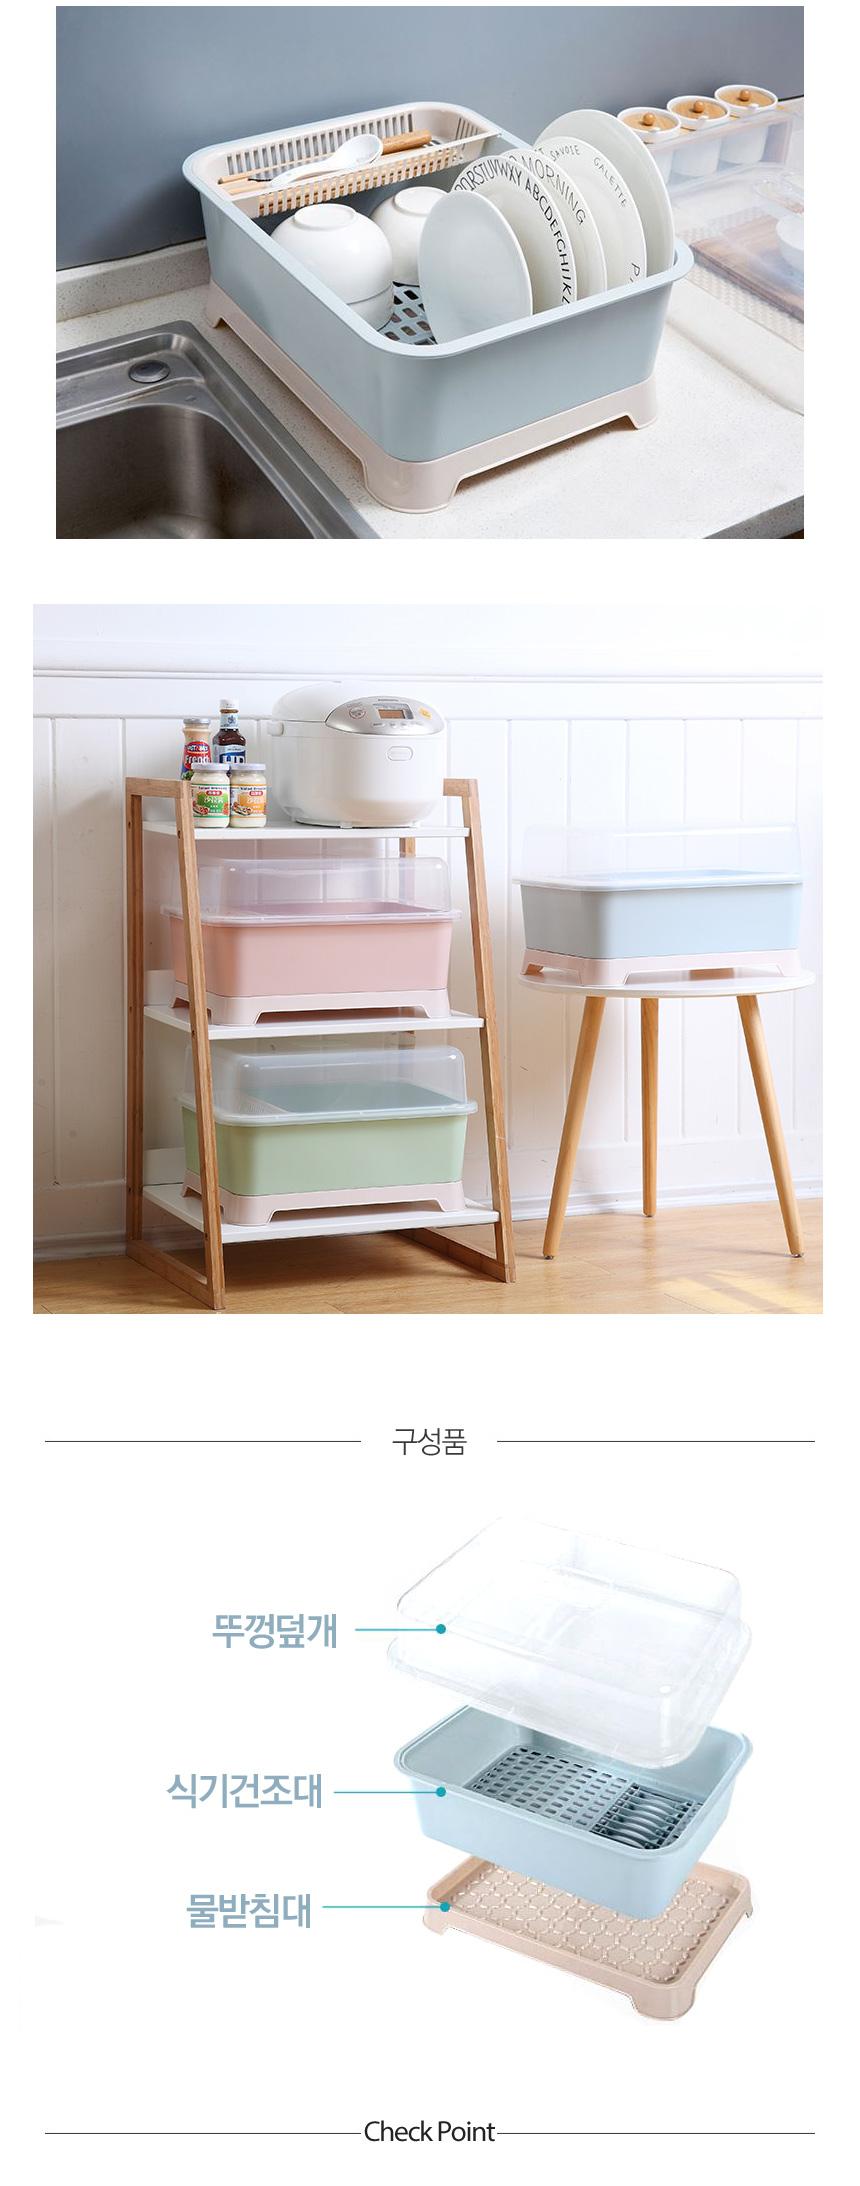 물받침 뚜껑 식기건조대 - 윈프라이스, 23,900원, 주방정리용품, 식기건조대